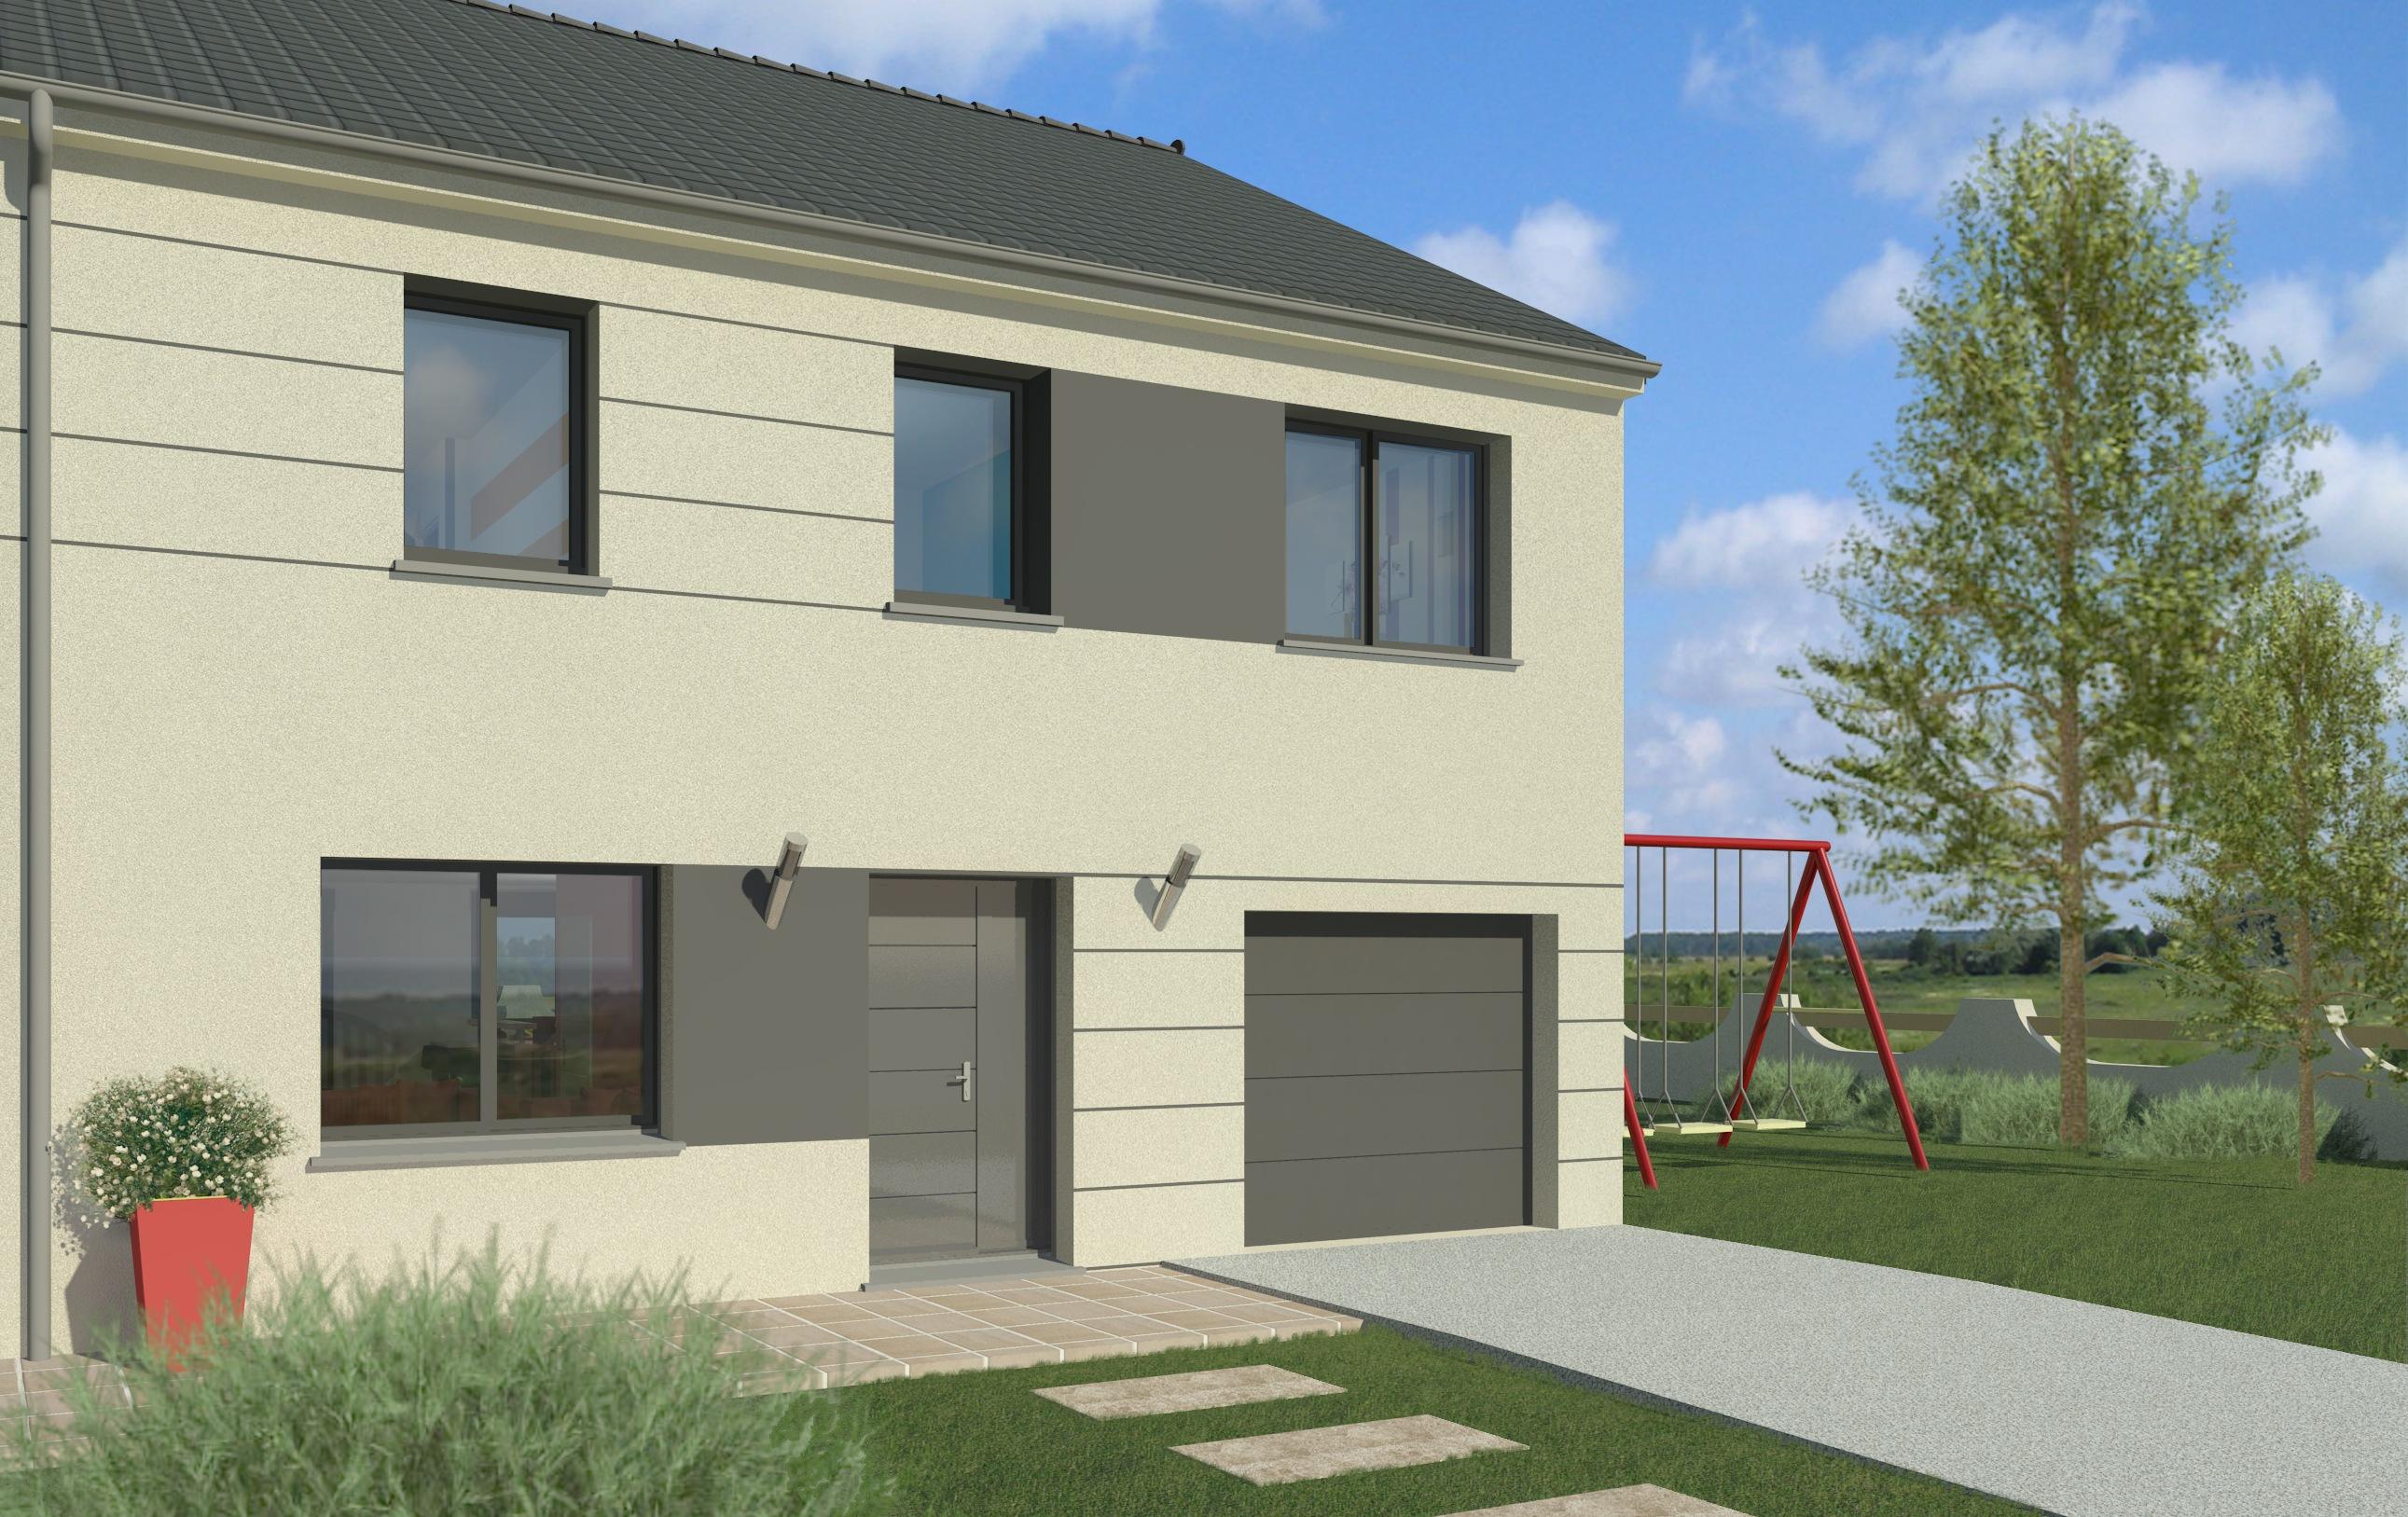 Maisons + Terrains du constructeur MAISON FAMILIALE • 130 m² • COIGNIERES